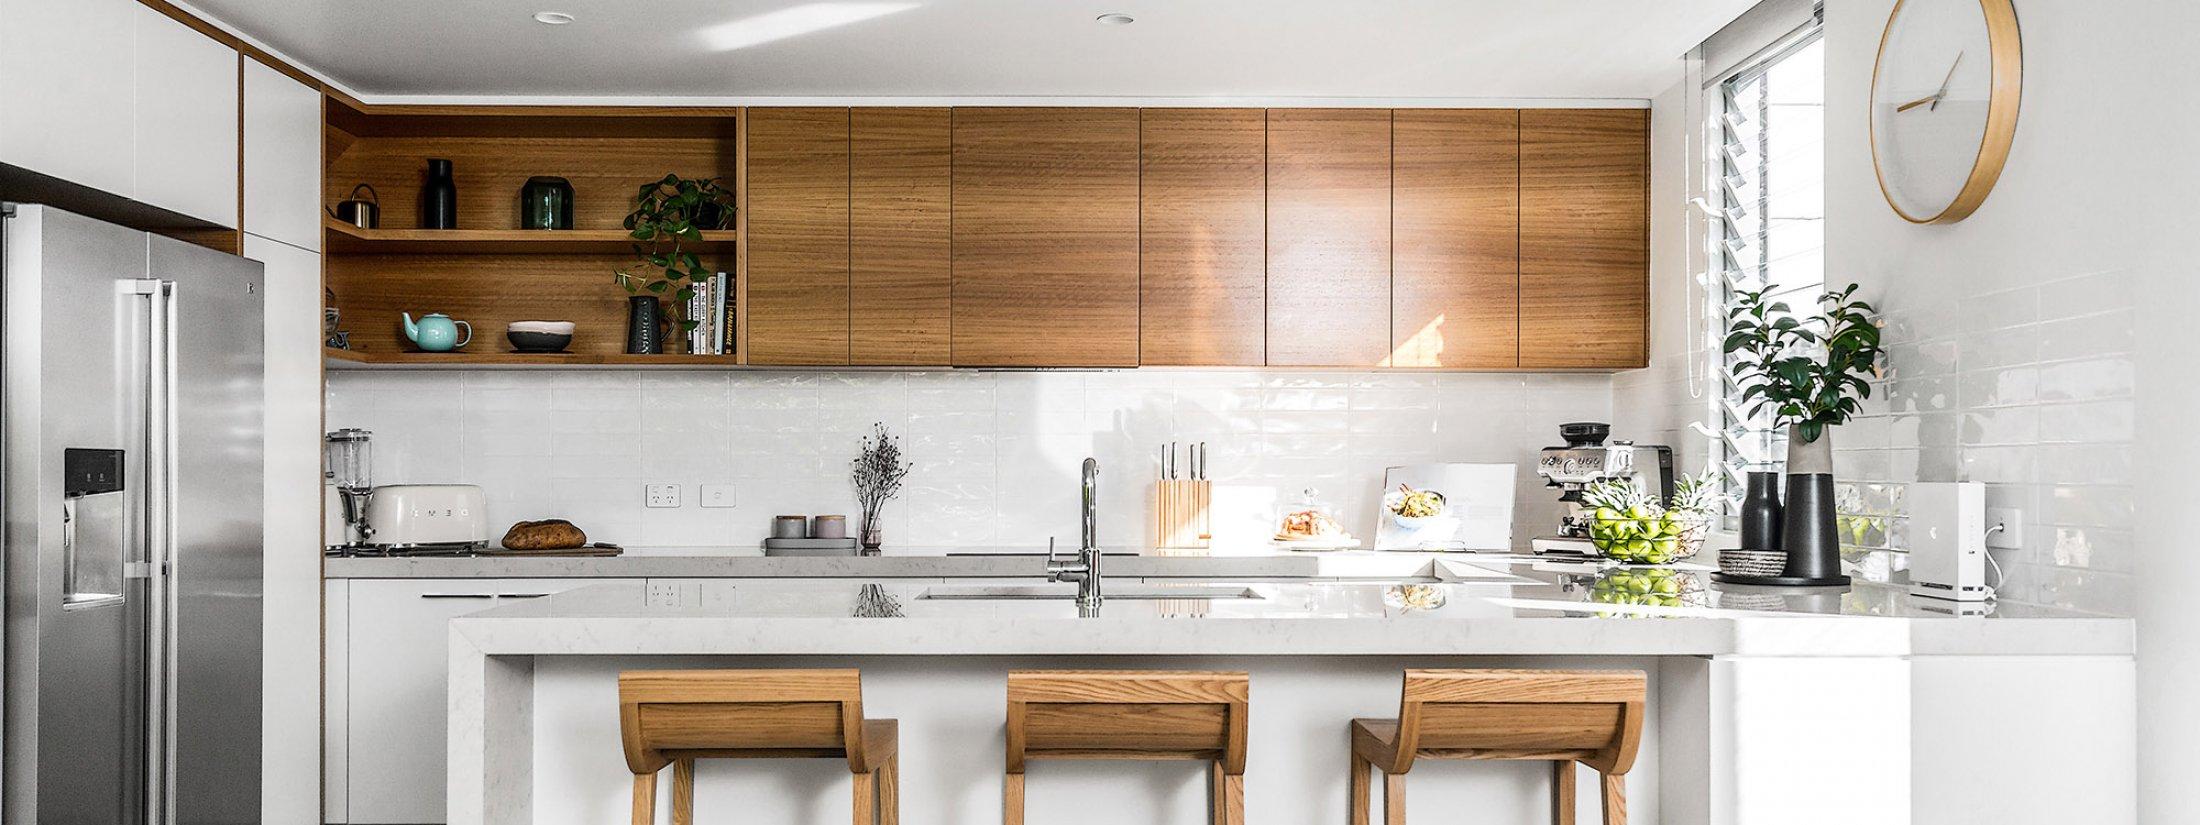 Kaylani Cove - Byron Bay - Kitchen